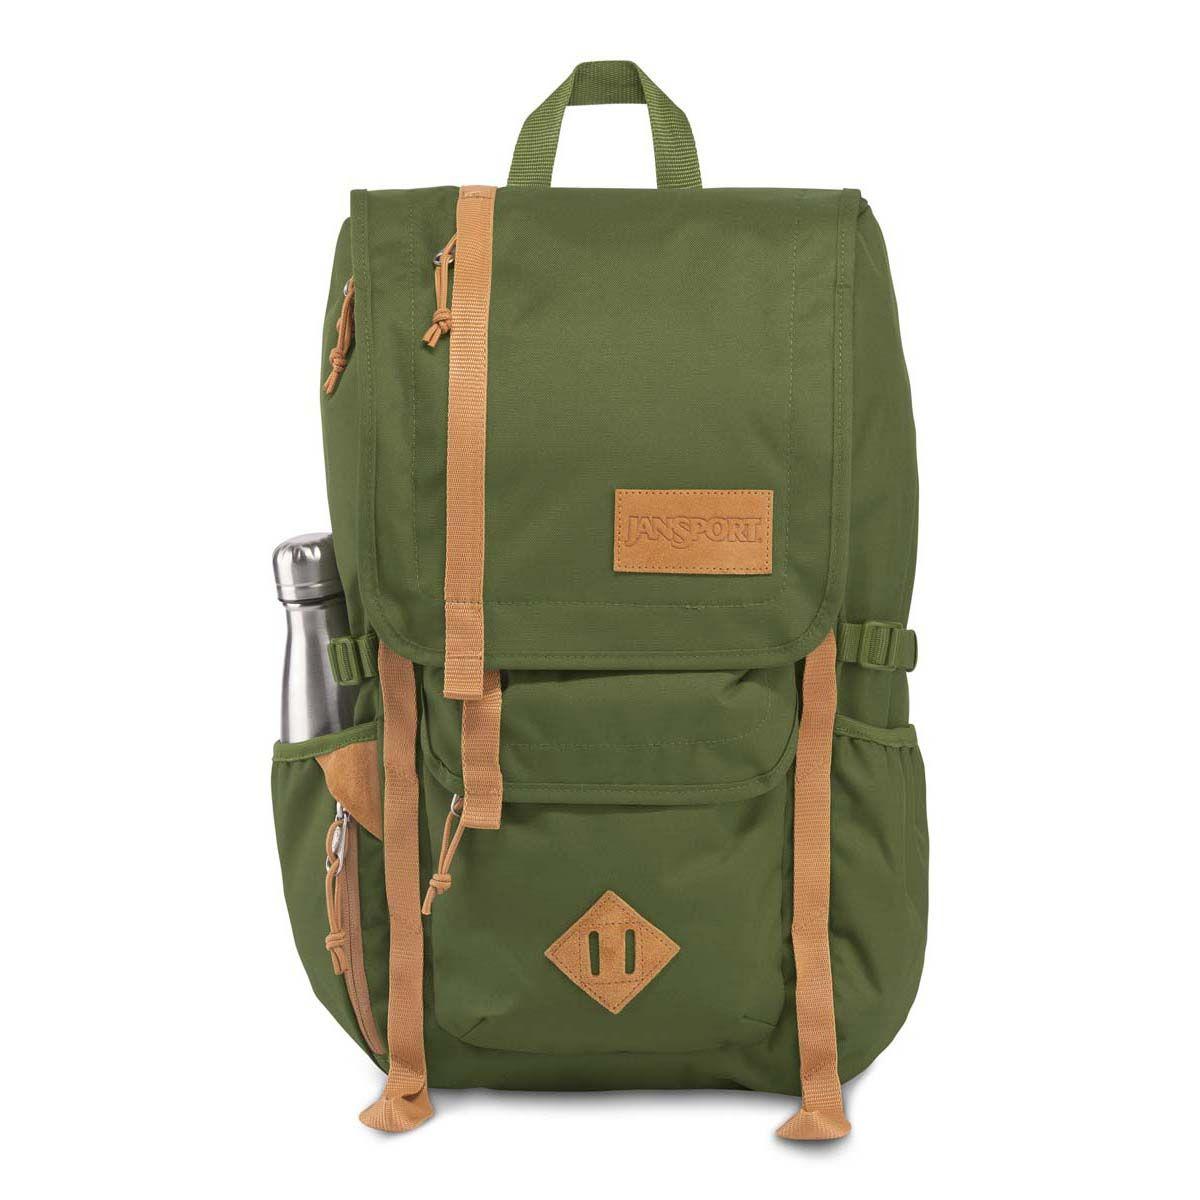 JanSport Hatchet Backpack in New Olive Green